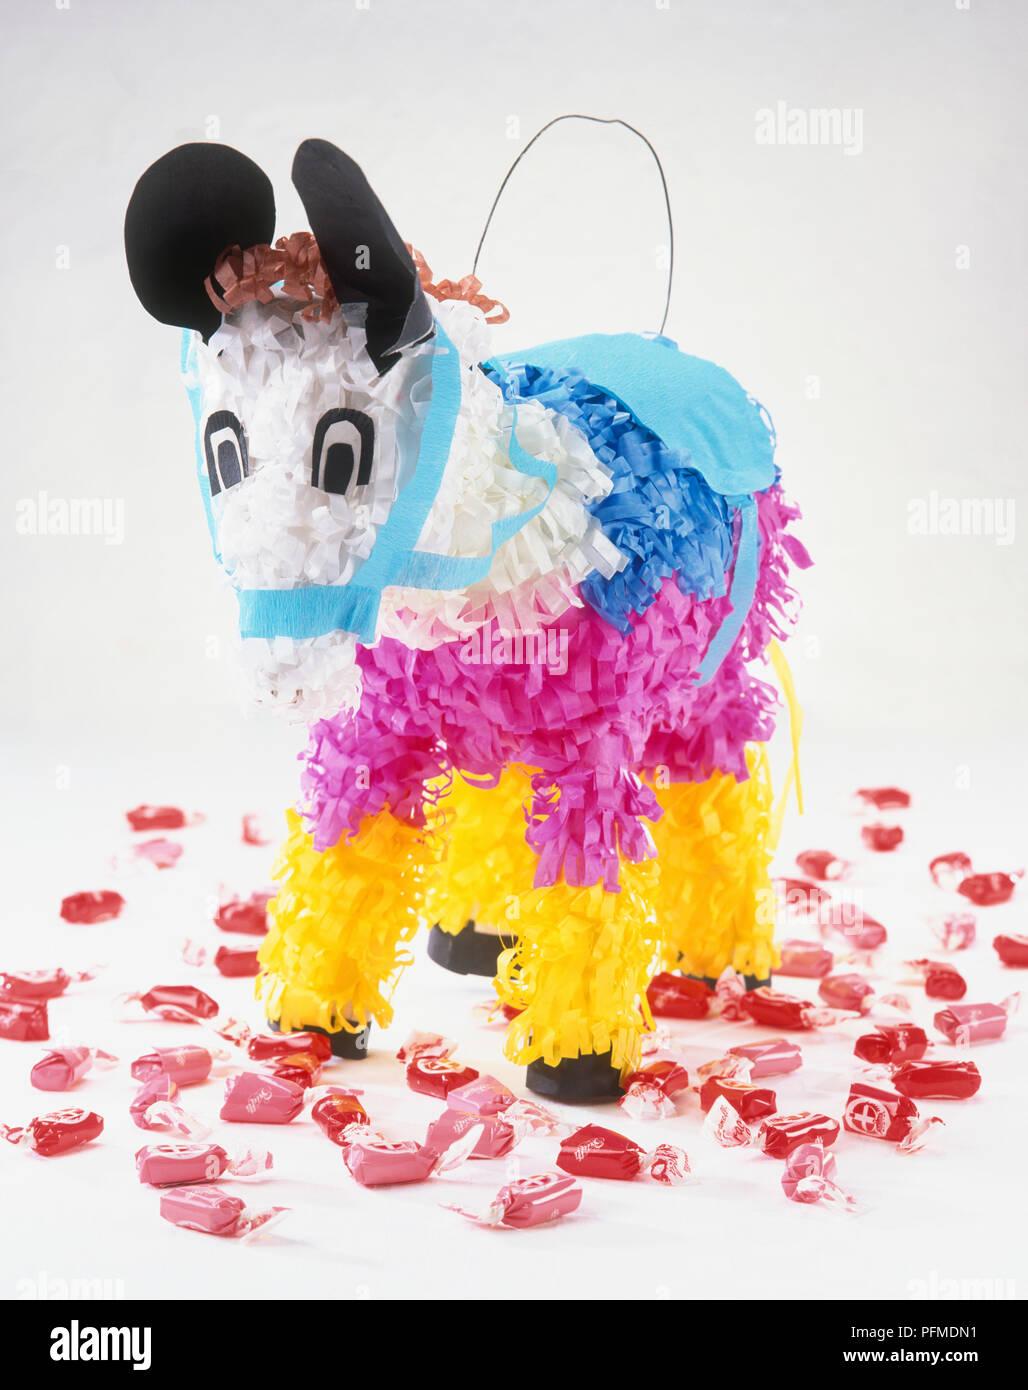 Art Donkey Stock Photos & Art Donkey Stock Images - Alamy